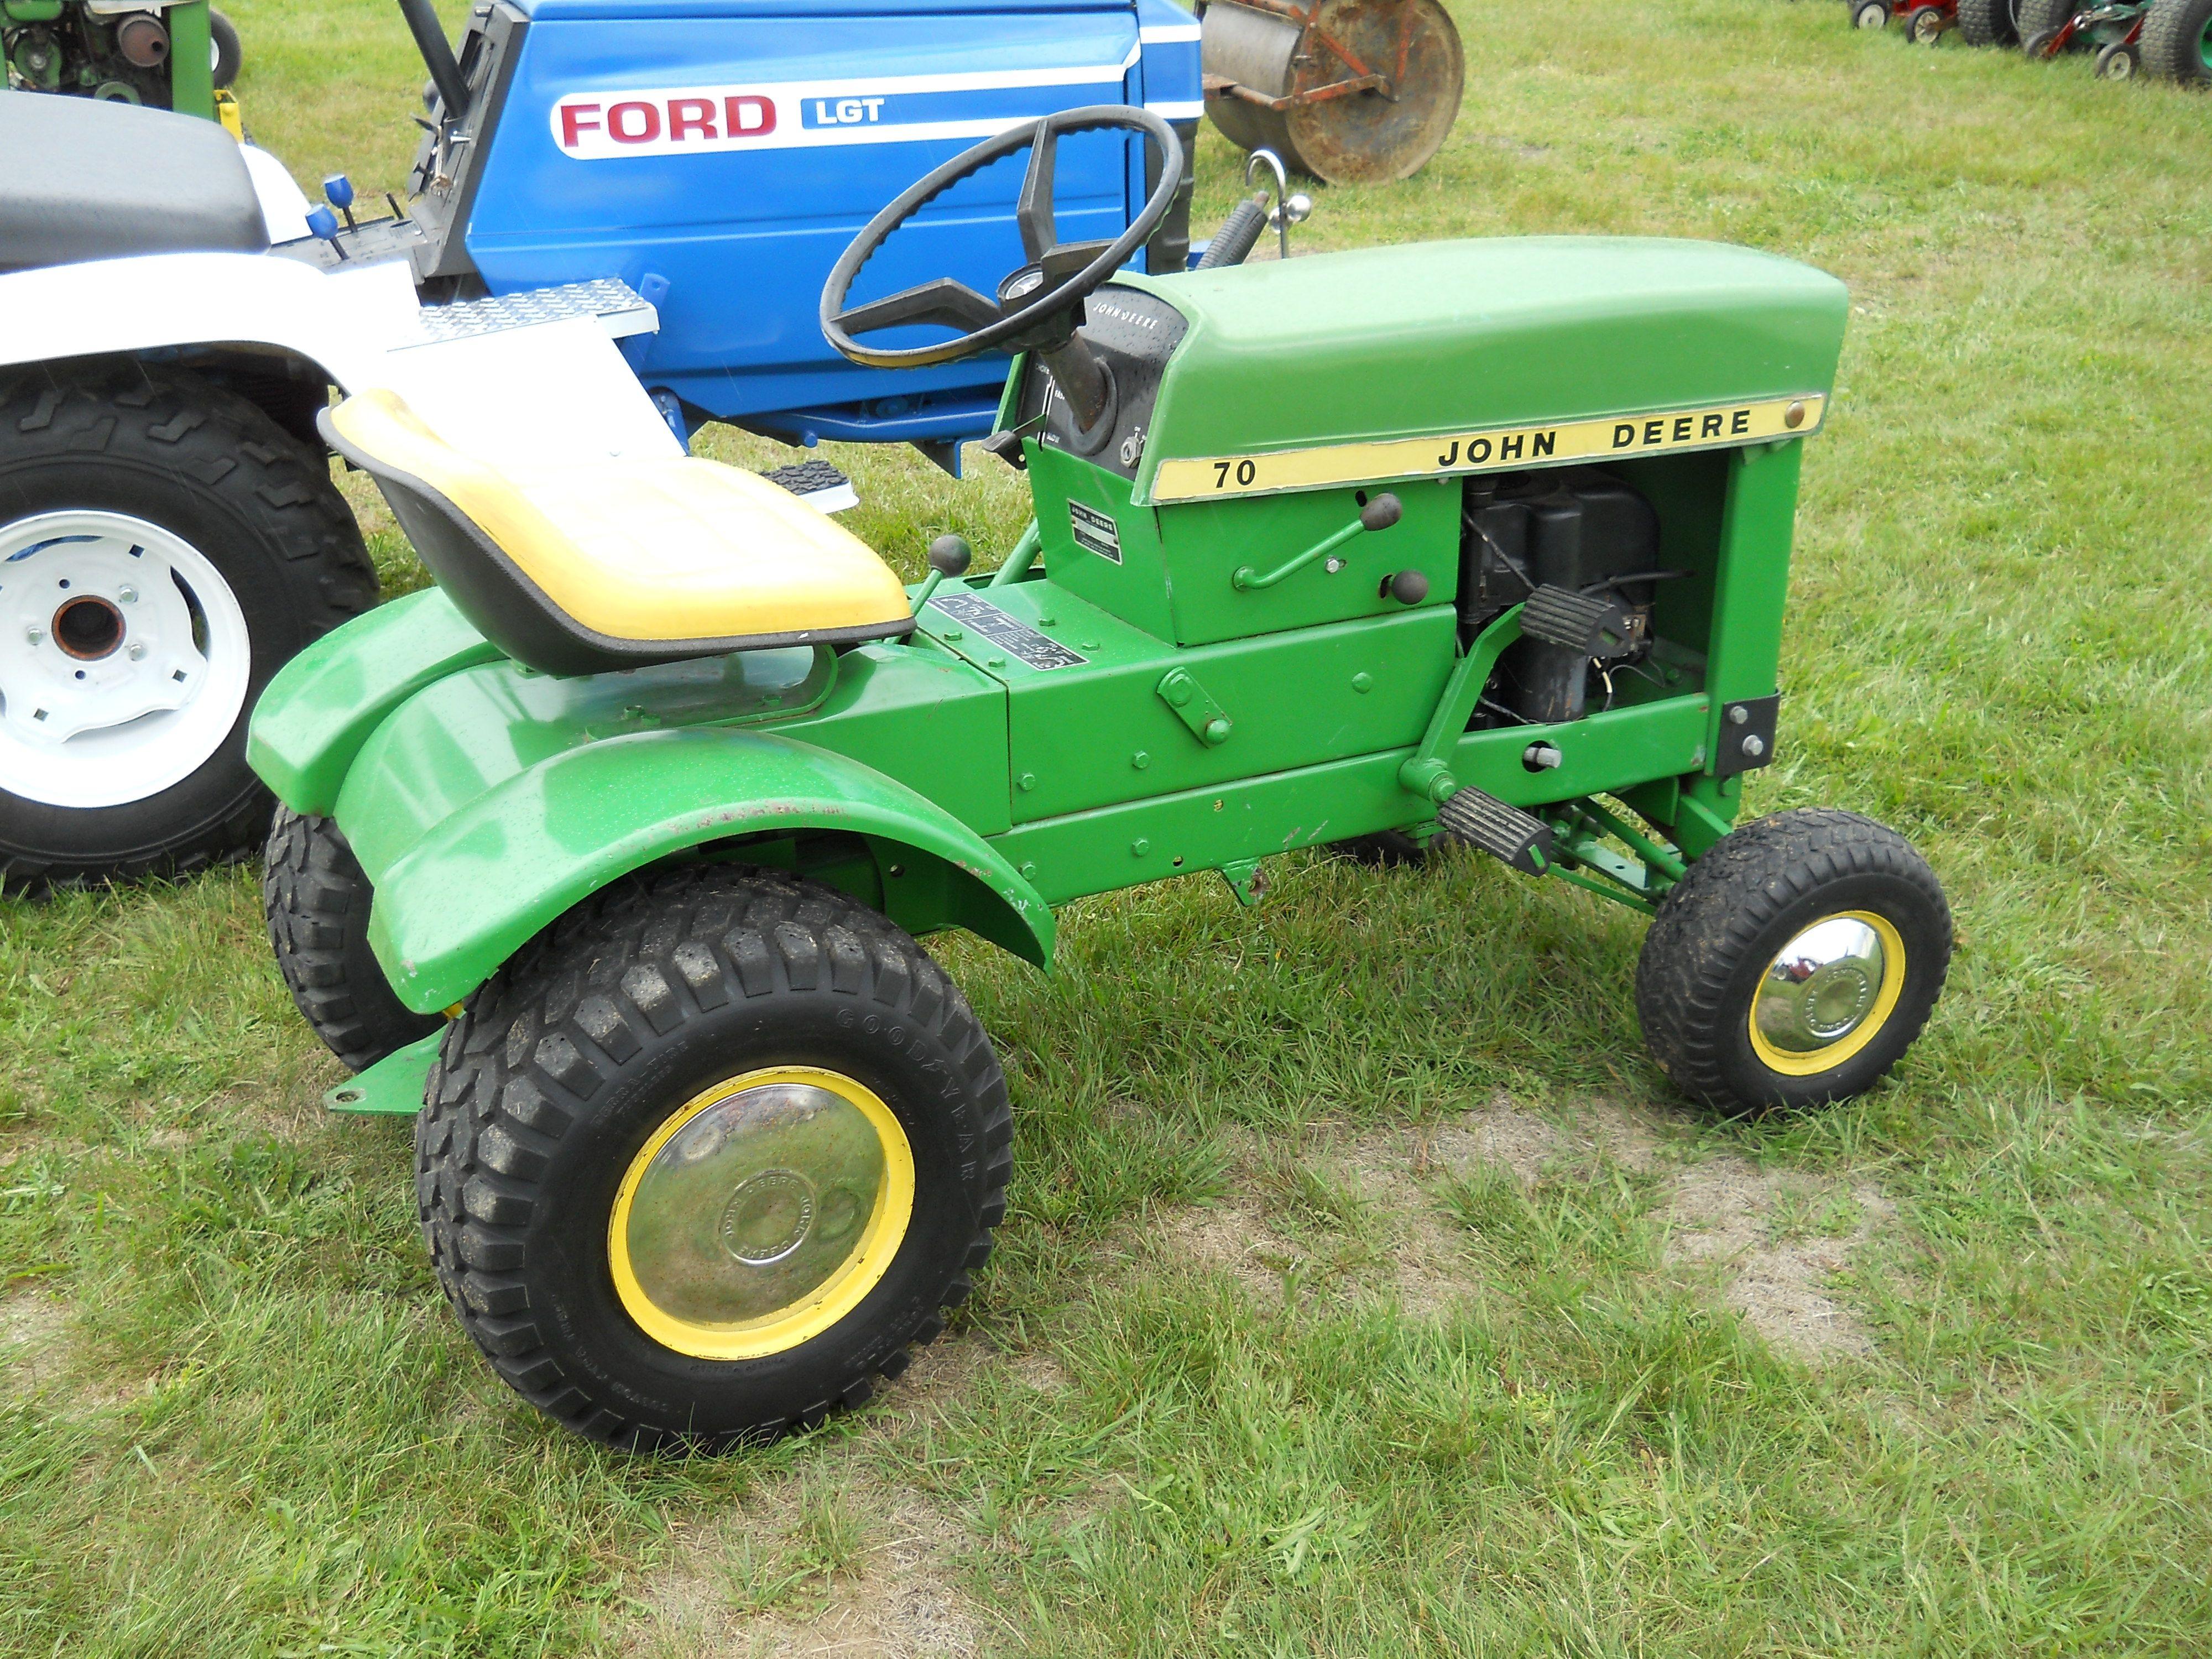 John Deere 70 Tractor : John deere tractor https youtube user